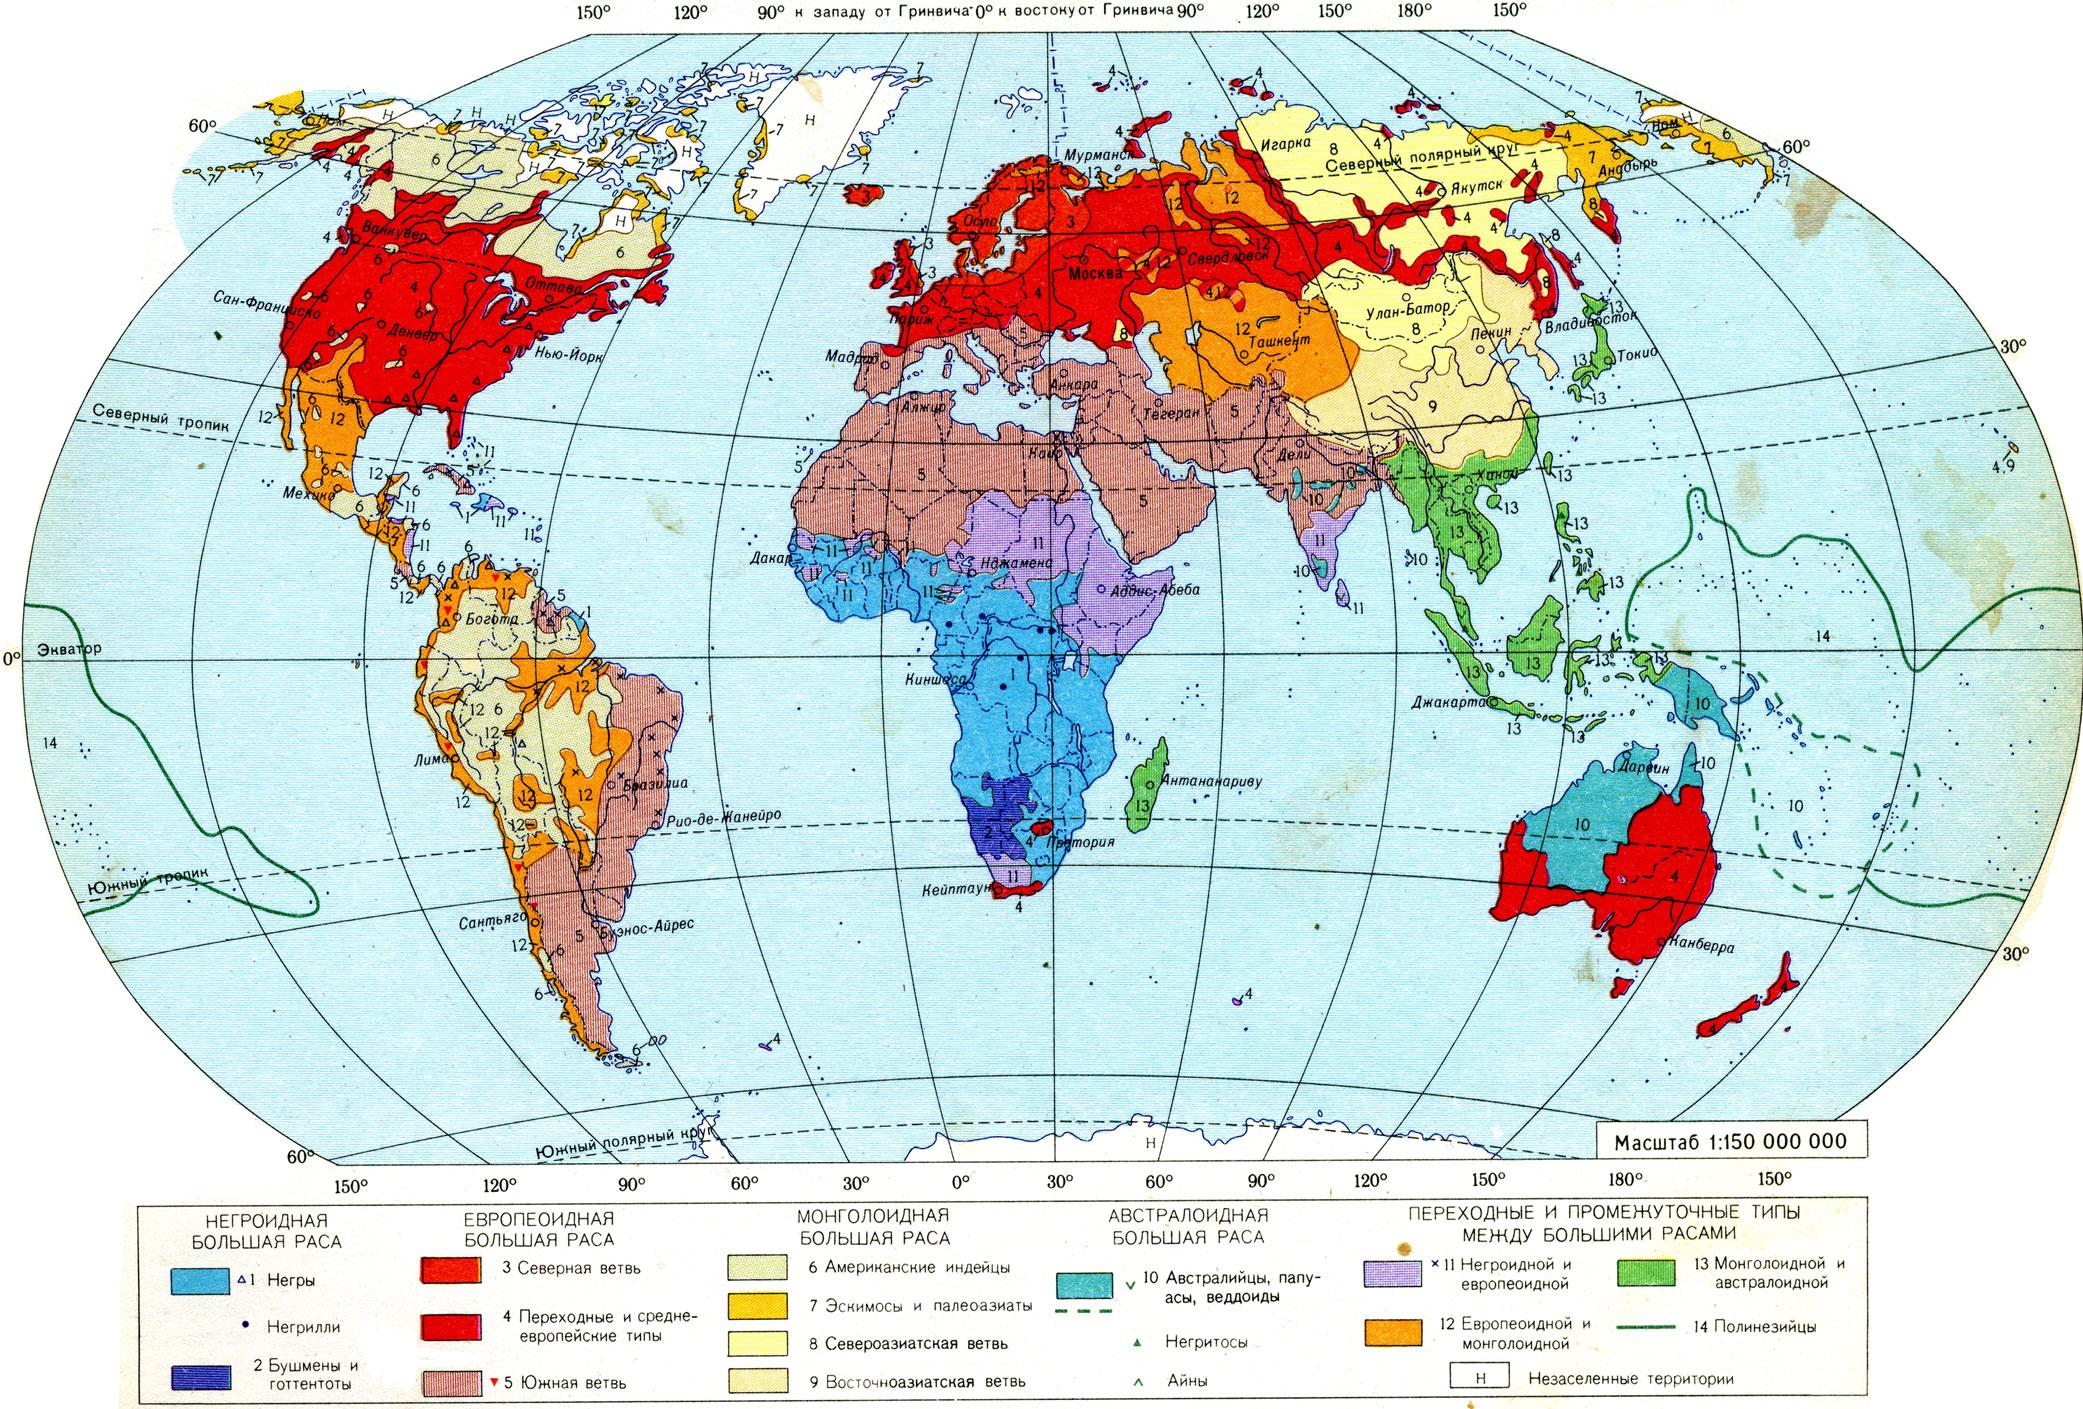 Расы мира негроидная